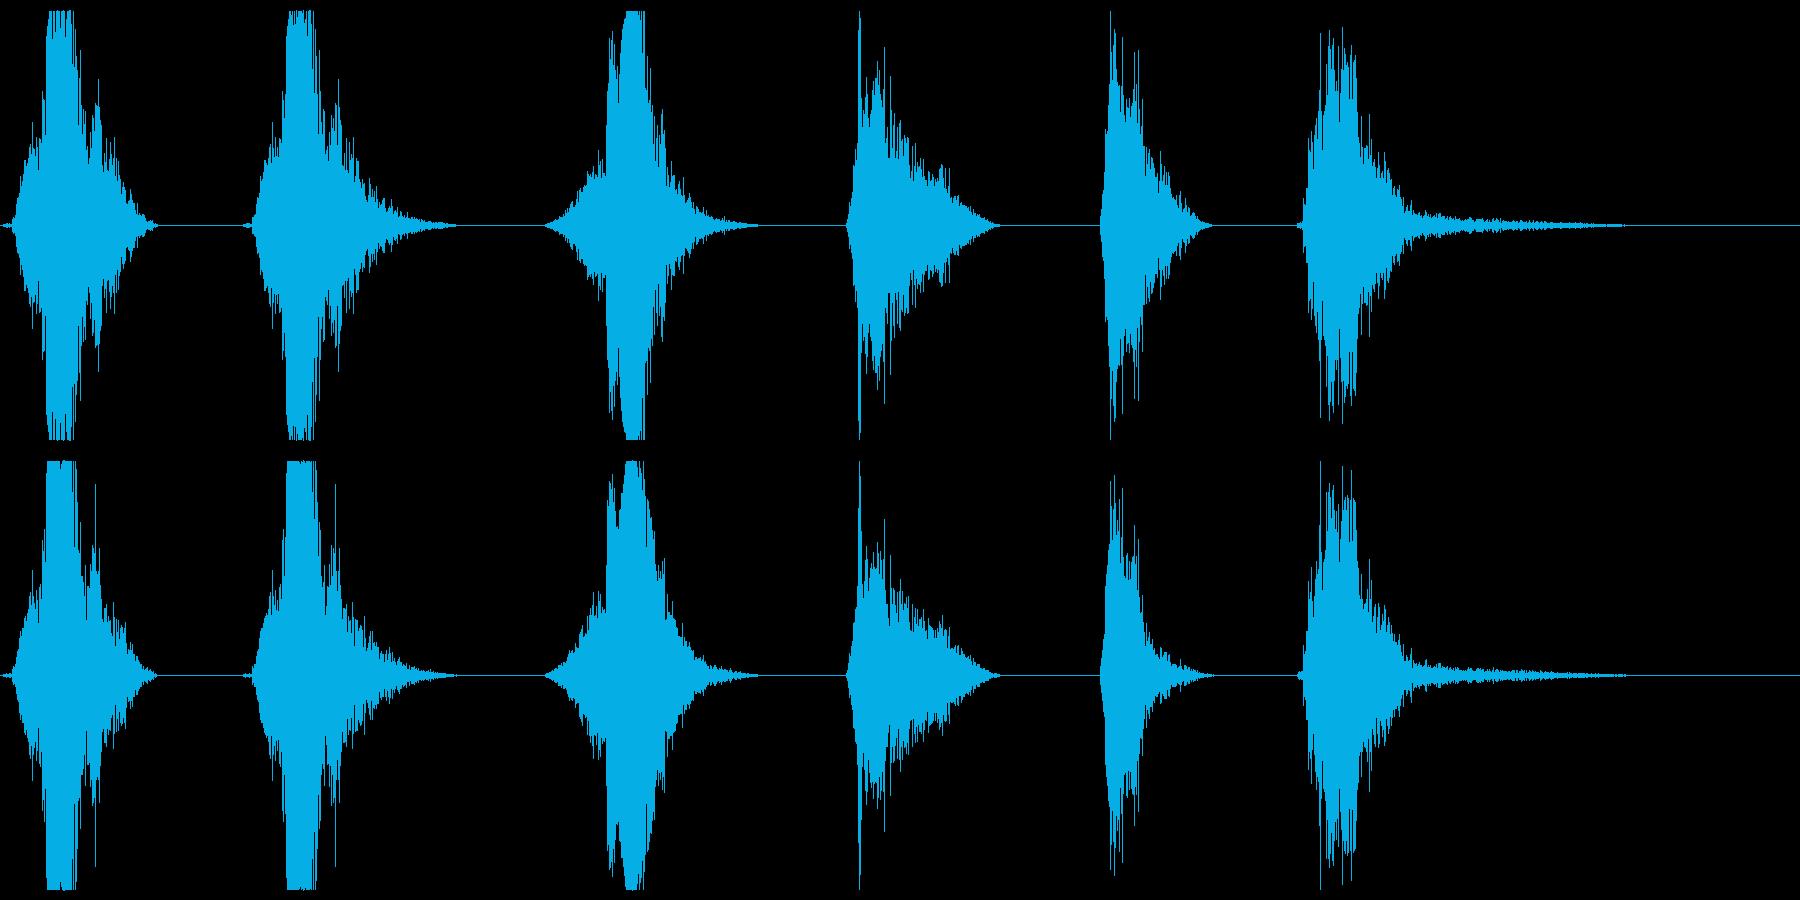 爆発的影響X6の再生済みの波形